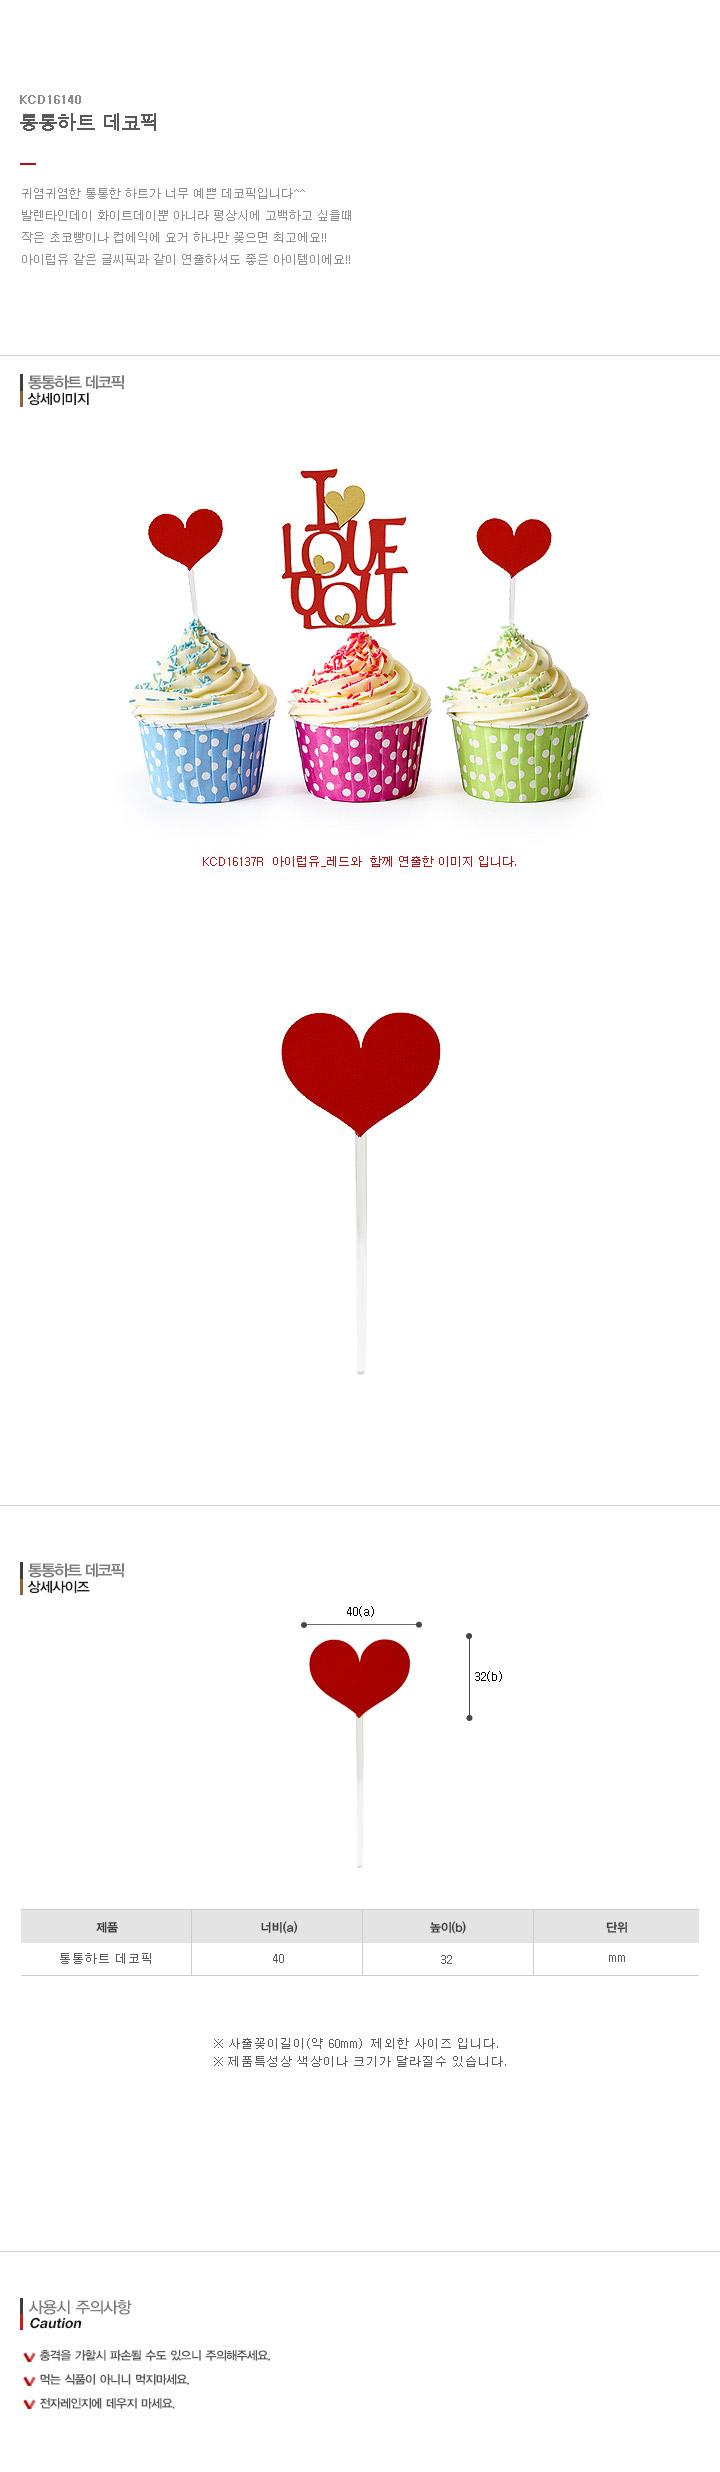 통통하트 케익데코픽 10개묶음 - 토다스, 5,900원, 파티용품, 데코/장식용품